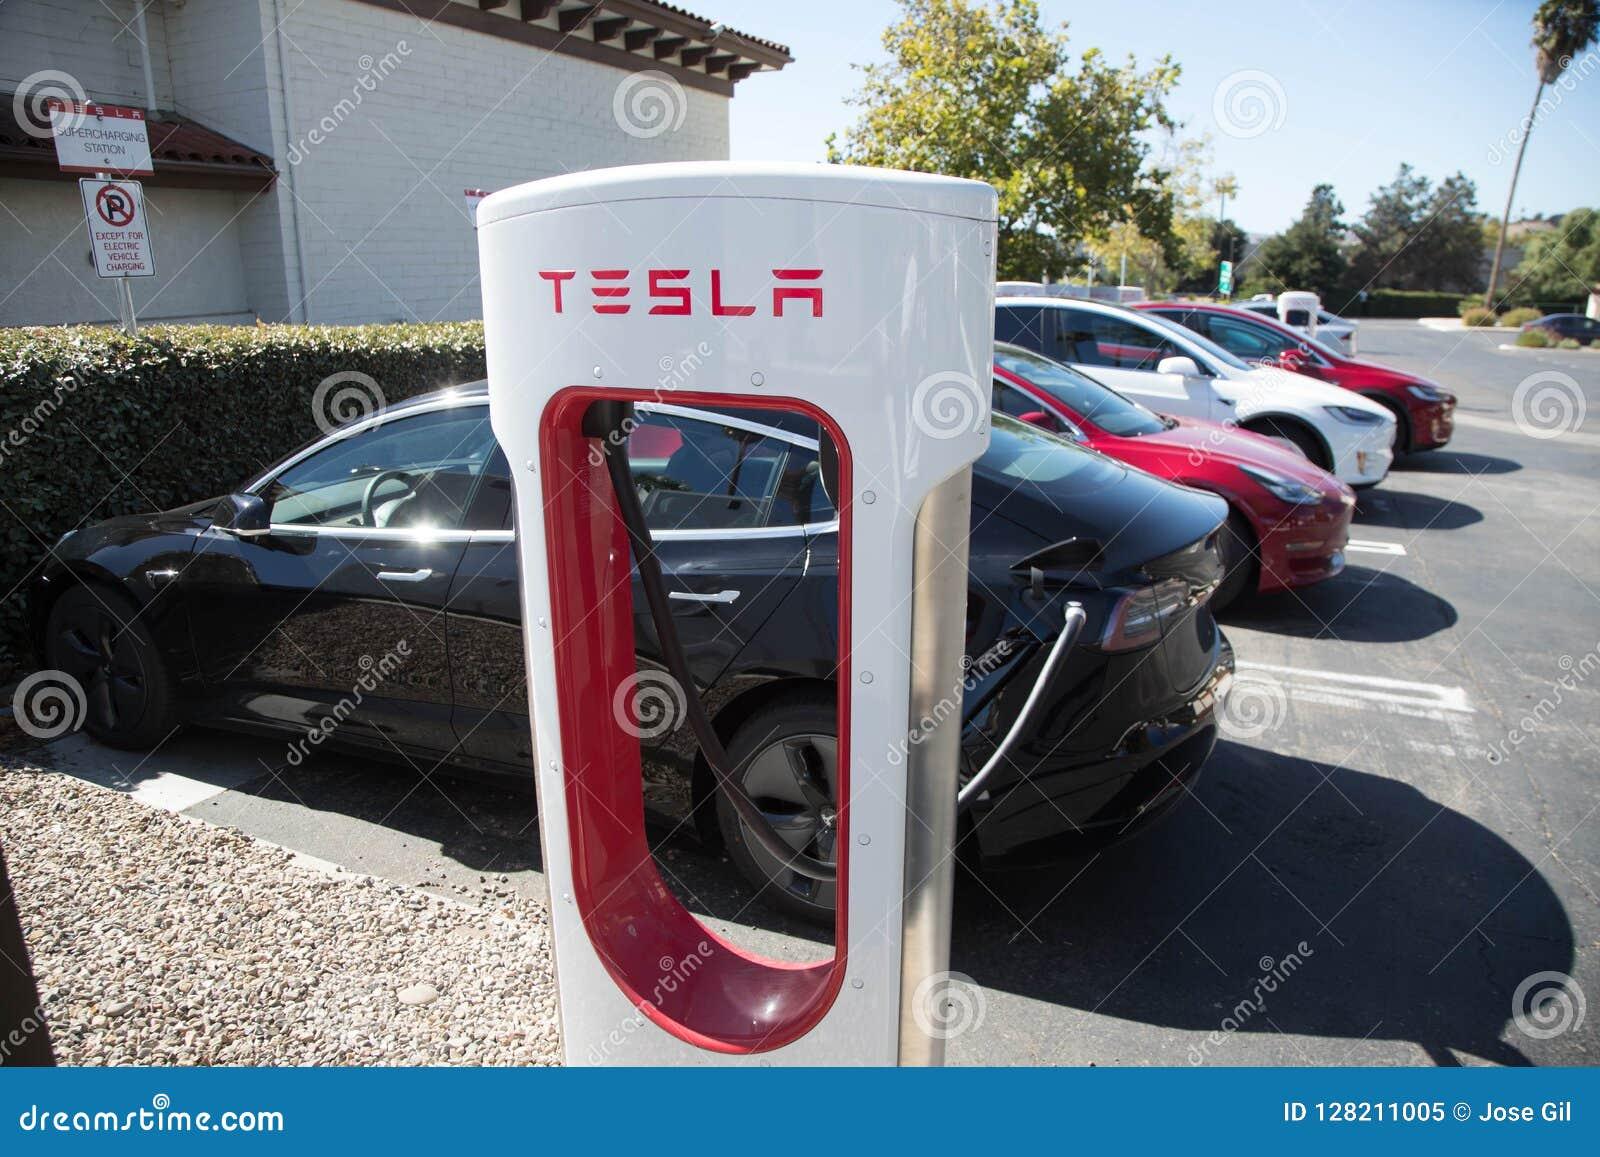 Tesla Superchargers 3